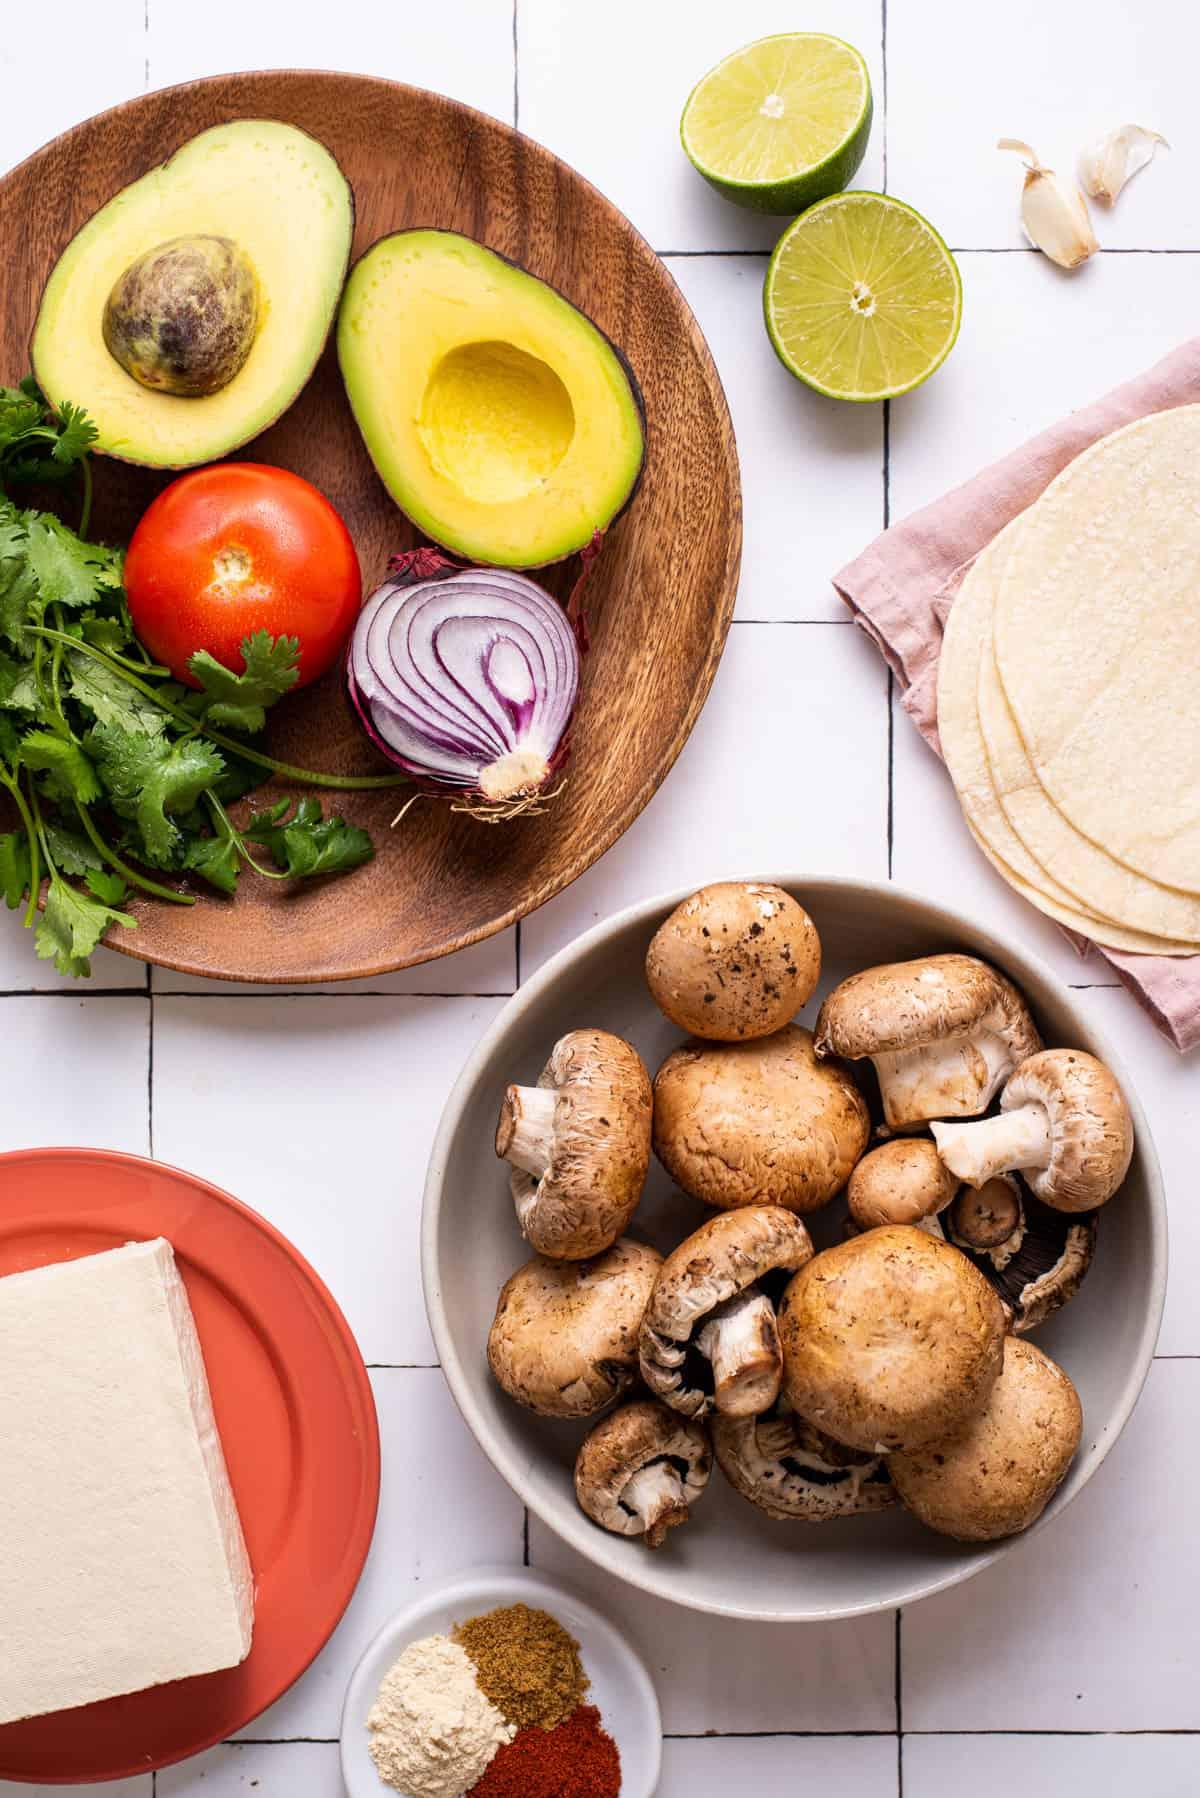 """Ingredients gathered to make vegan """"fish"""" tacos with tofu."""